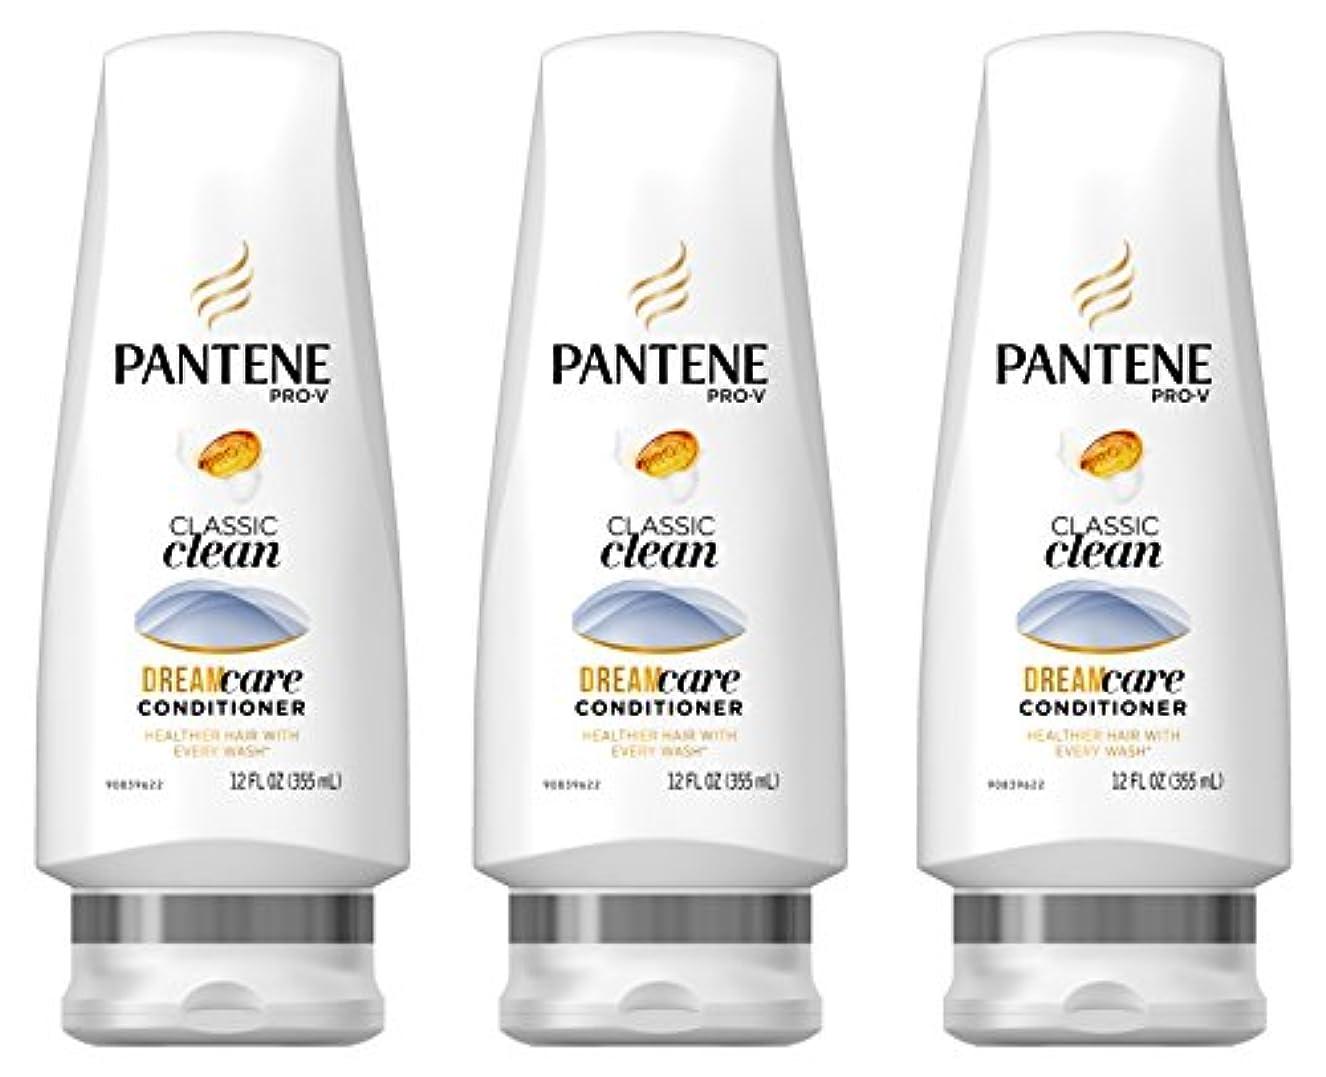 暖かさ感心するボトルPantene プロVクラシッククリーンコンディショナー12液量オンス(商品サイズは変更になる場合があります)(3パック)